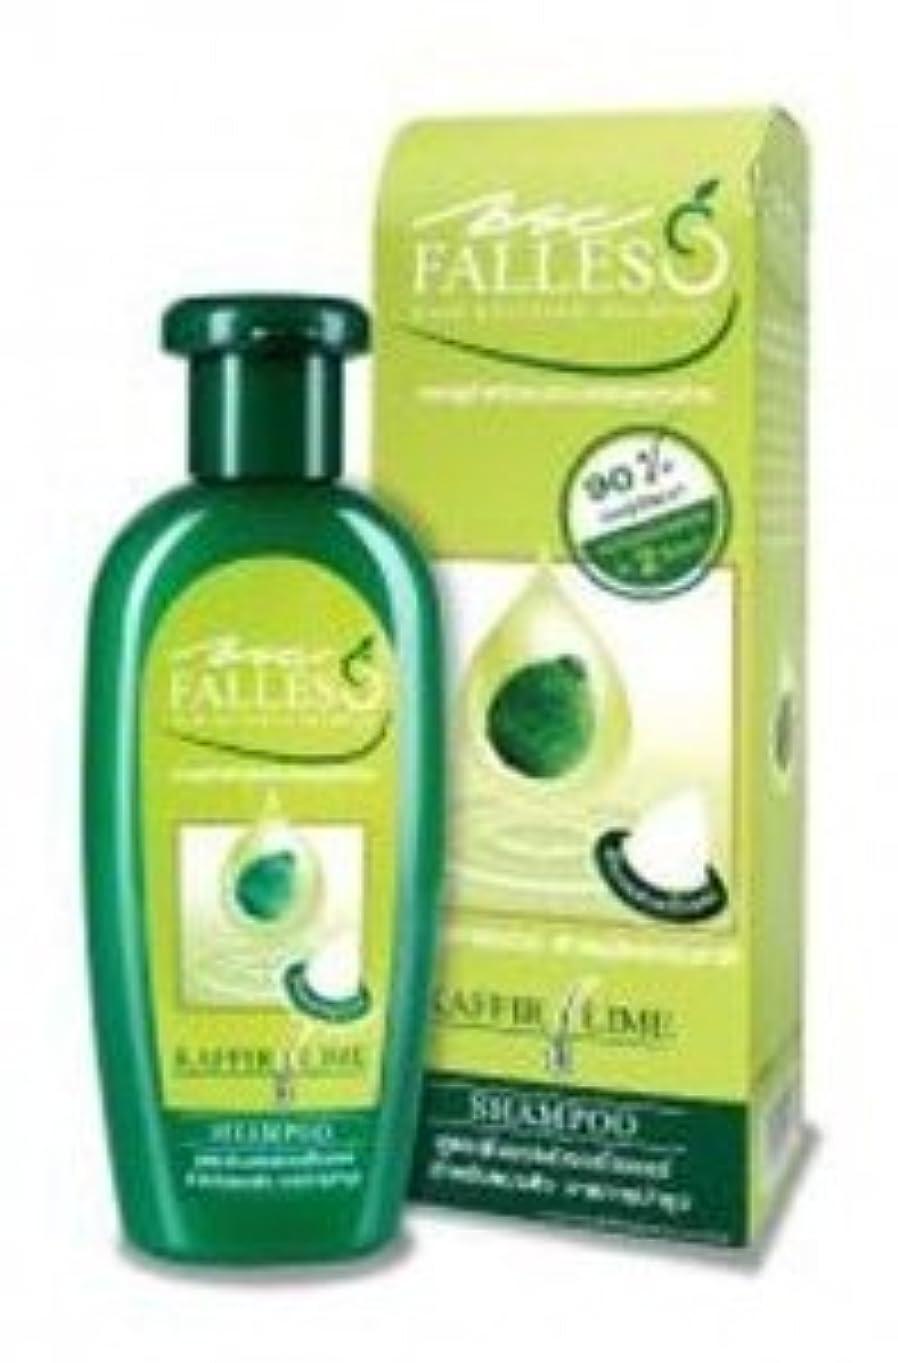 別に支出ネズミFalless Hair Reviving Shampoo - Fullness & Strong formula (For highly damaged hair) 180 ml. by Falless